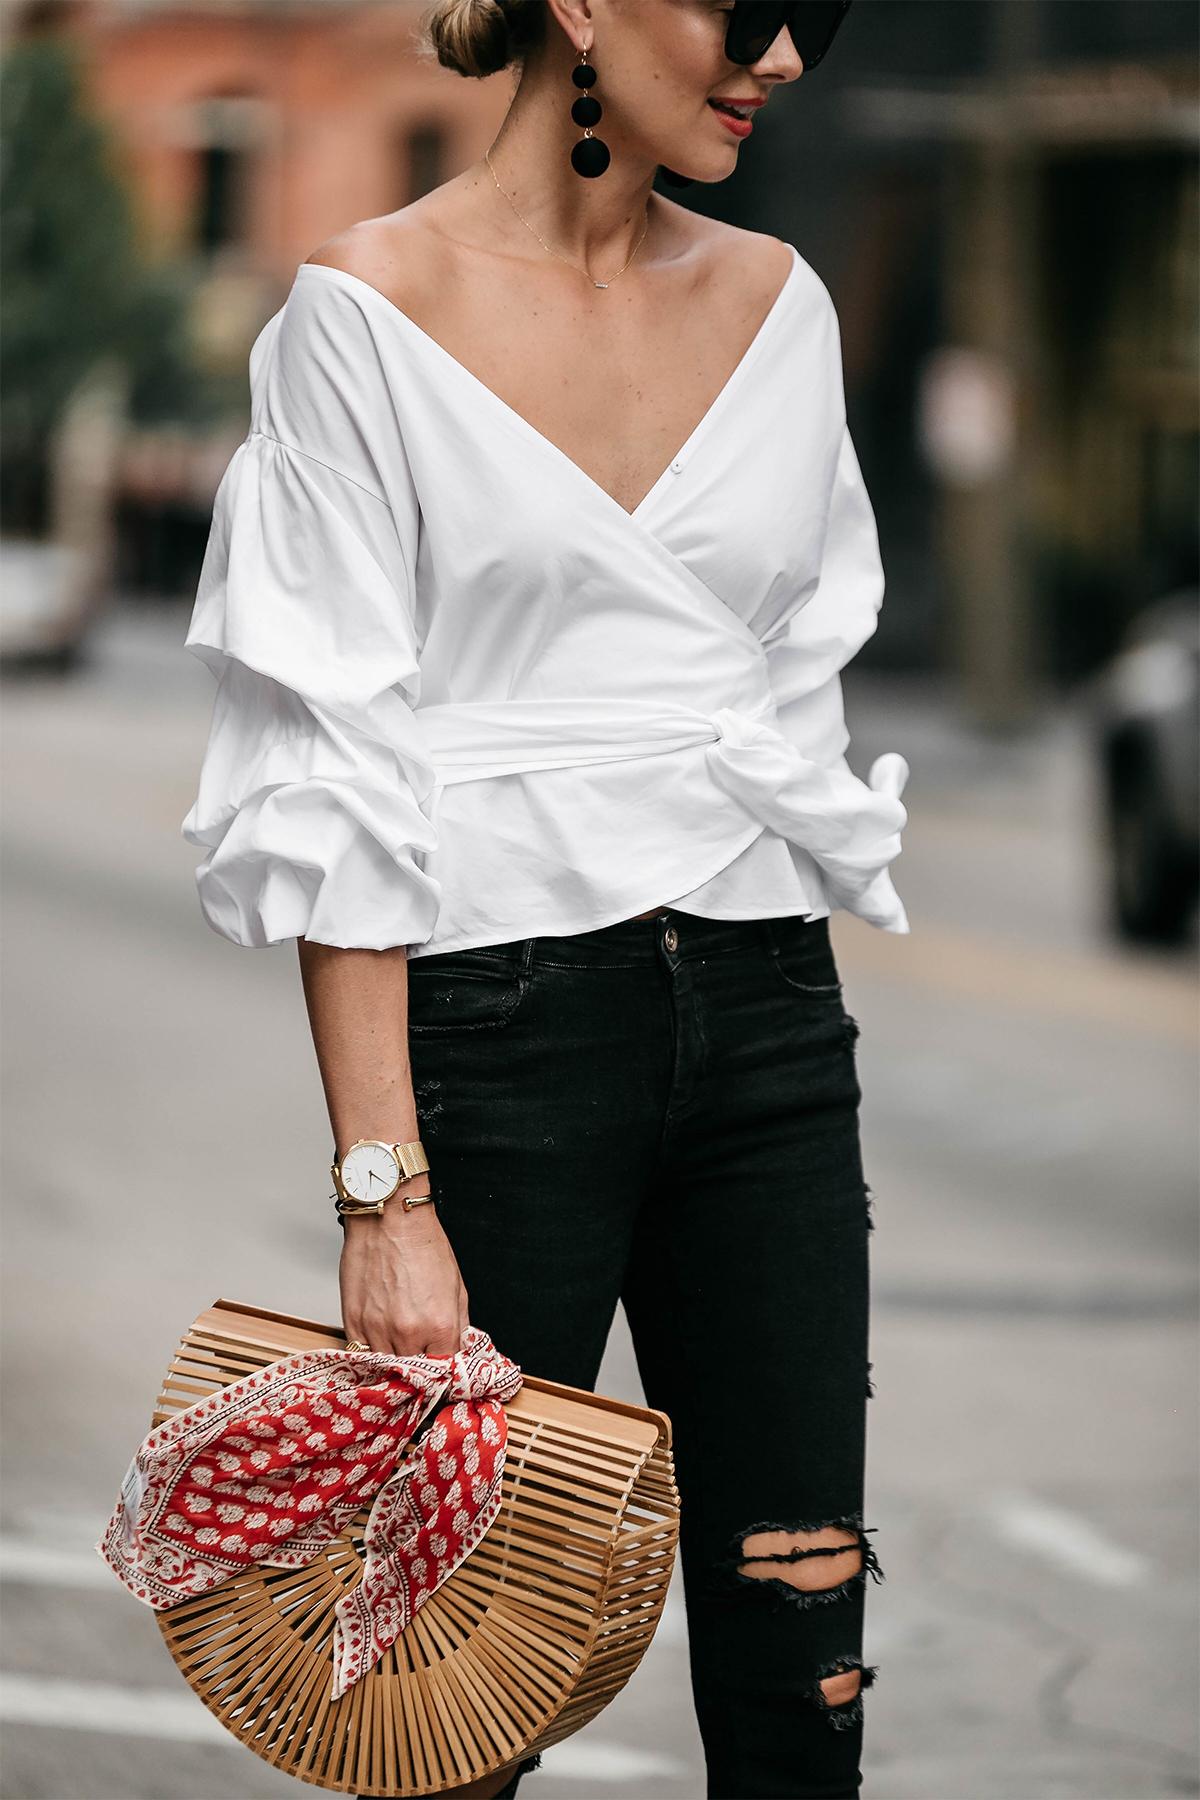 HOW TO STYLE A STRAW BAG THIS SEASON   Fashion Jackson